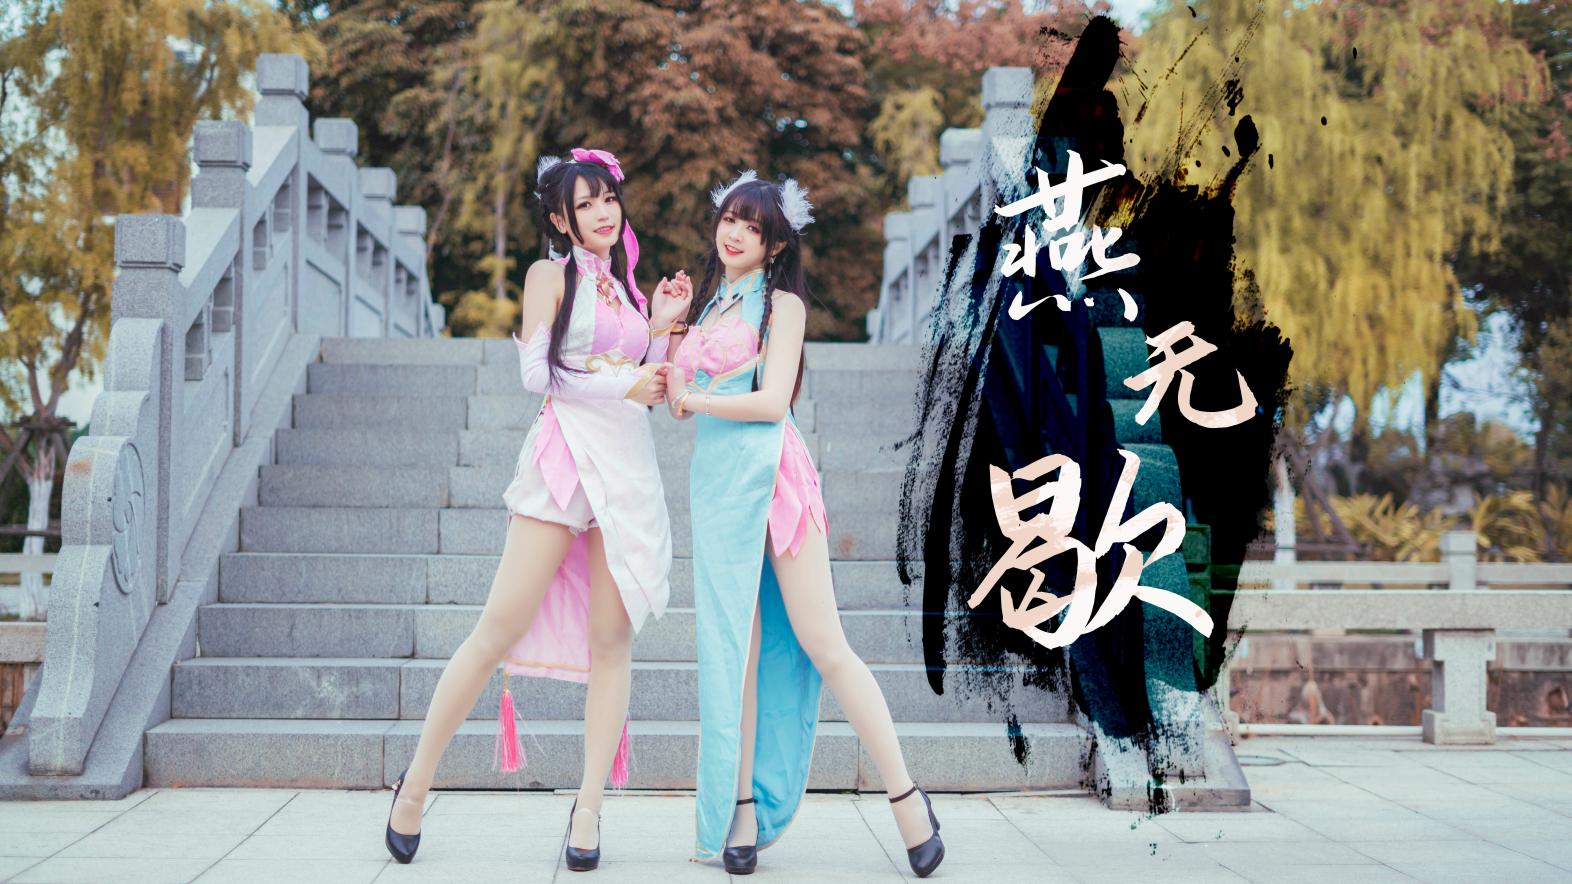 【卿斗x楚鸢】袅娜娉婷旗袍风《燕无歇》,你更爱着谁?